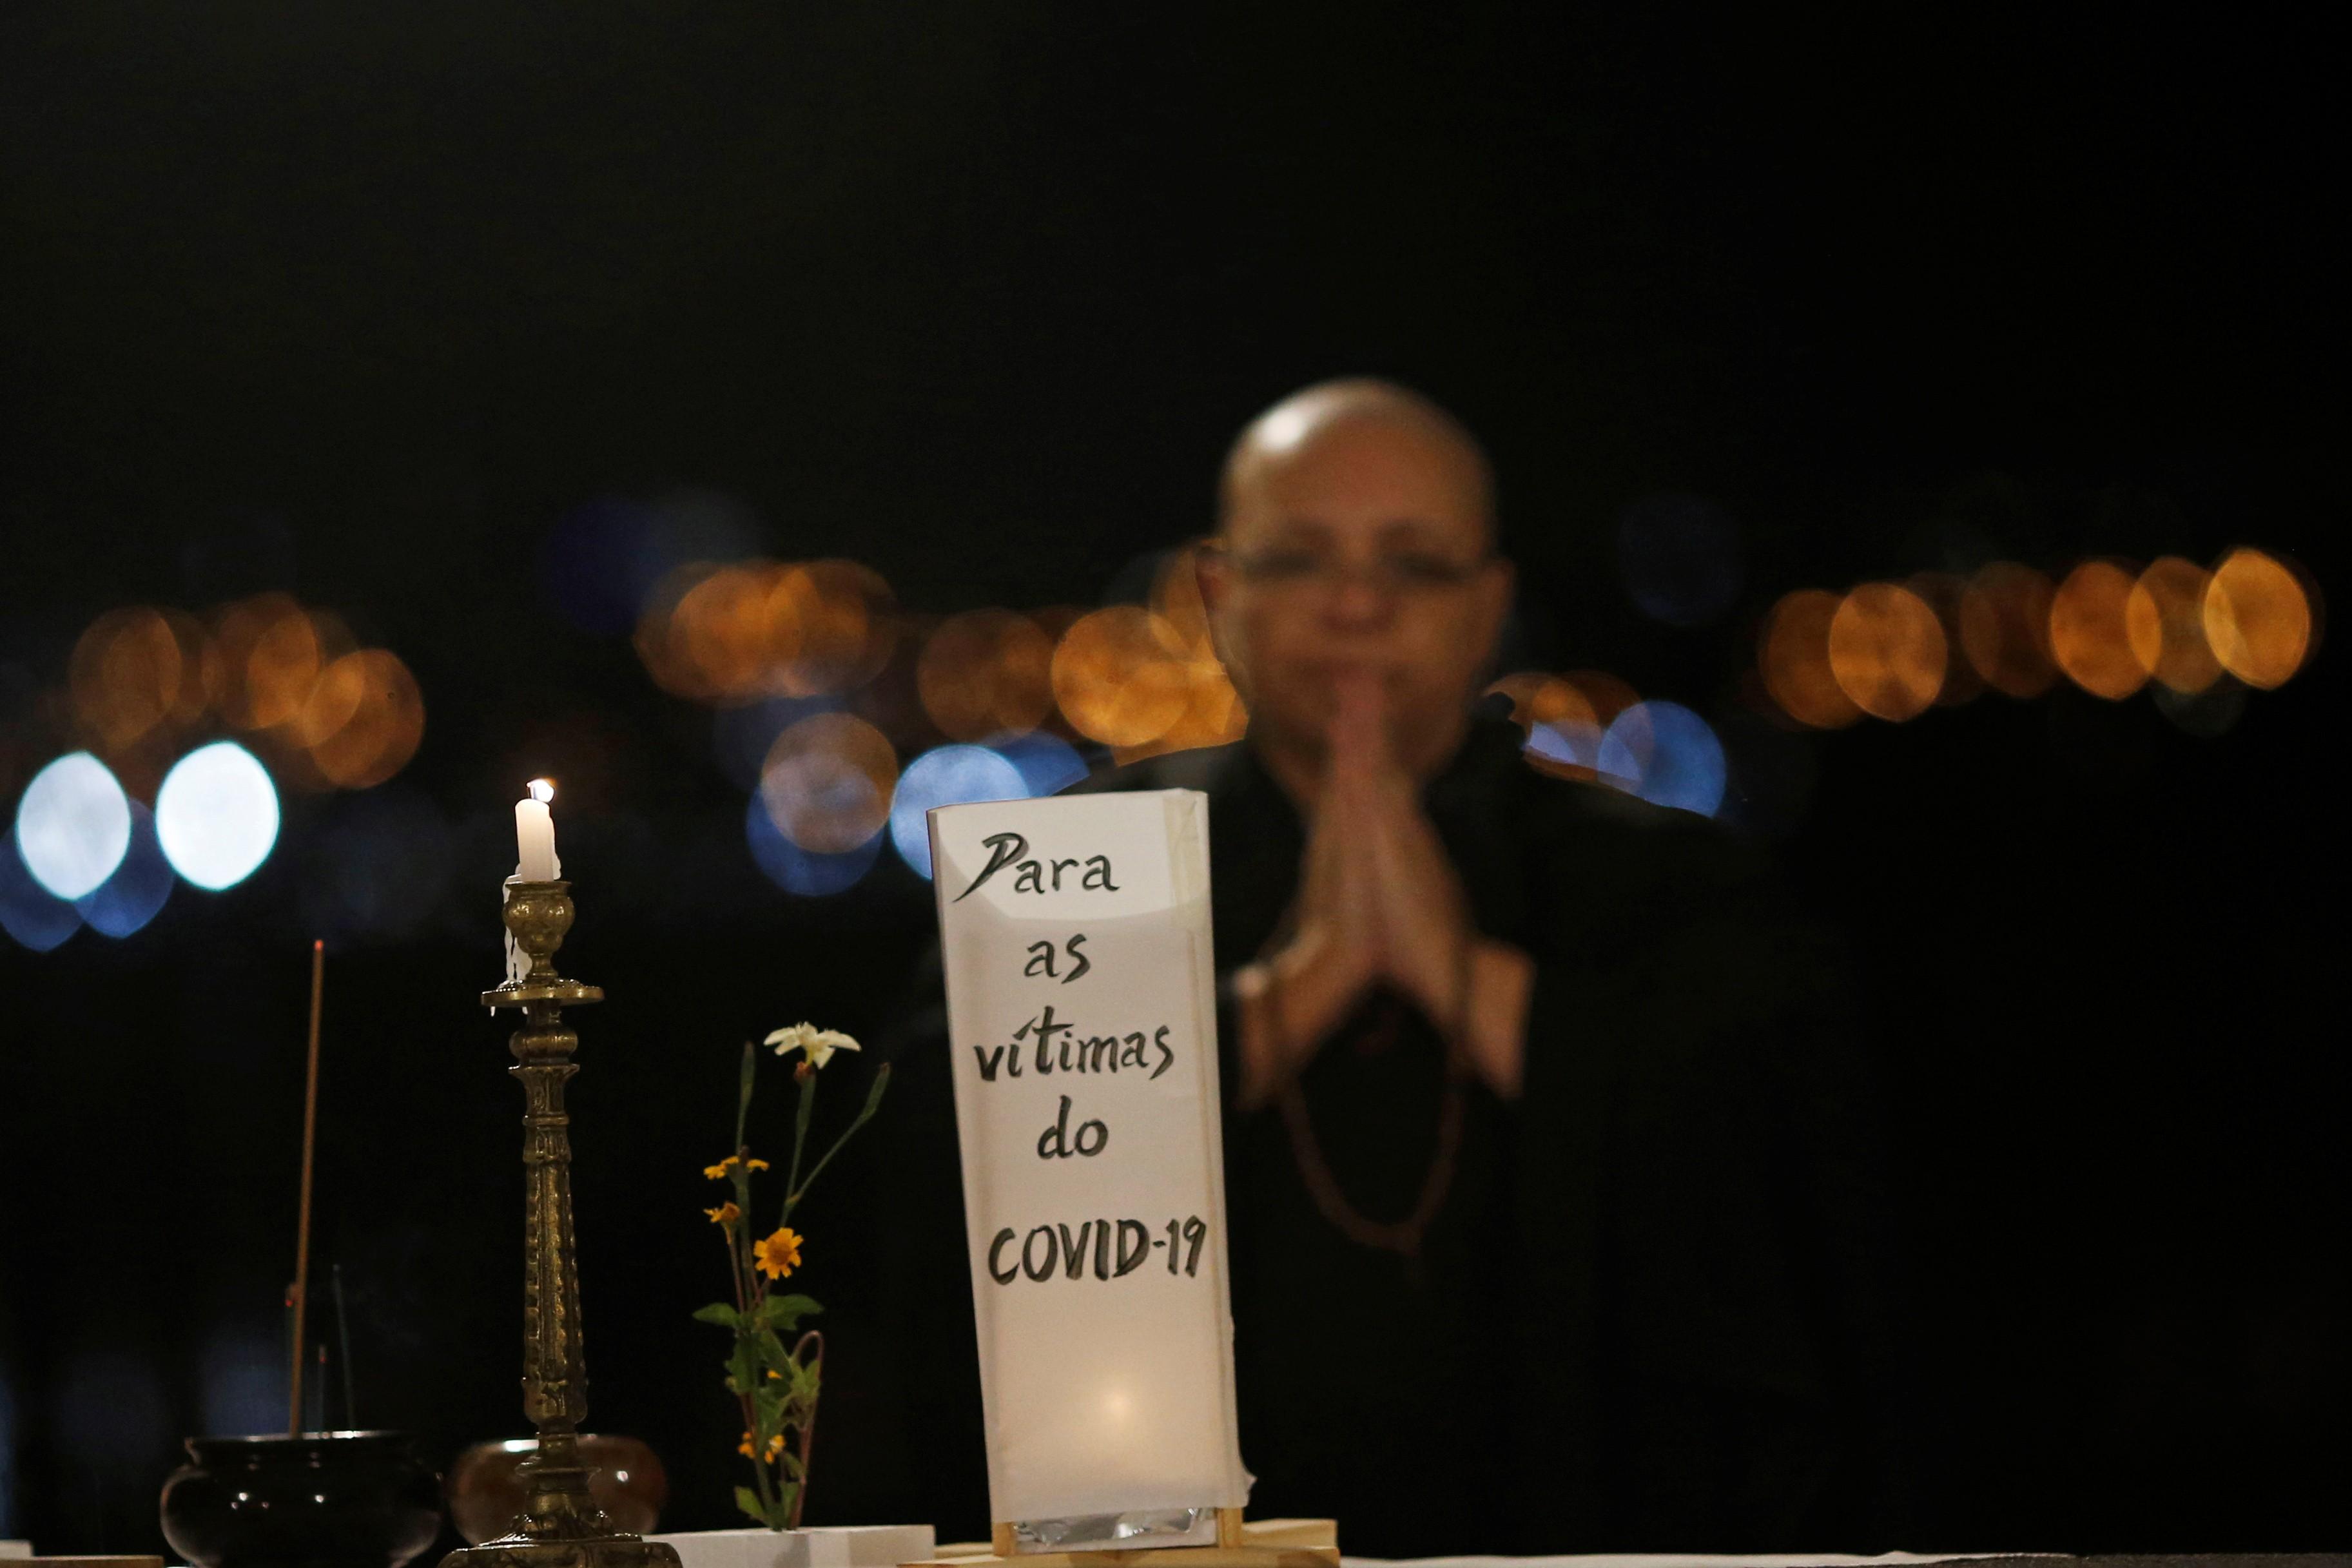 Mortes por Covid tiveram queda menor em novembro do que em outubro, indicam secretarias de Saúde